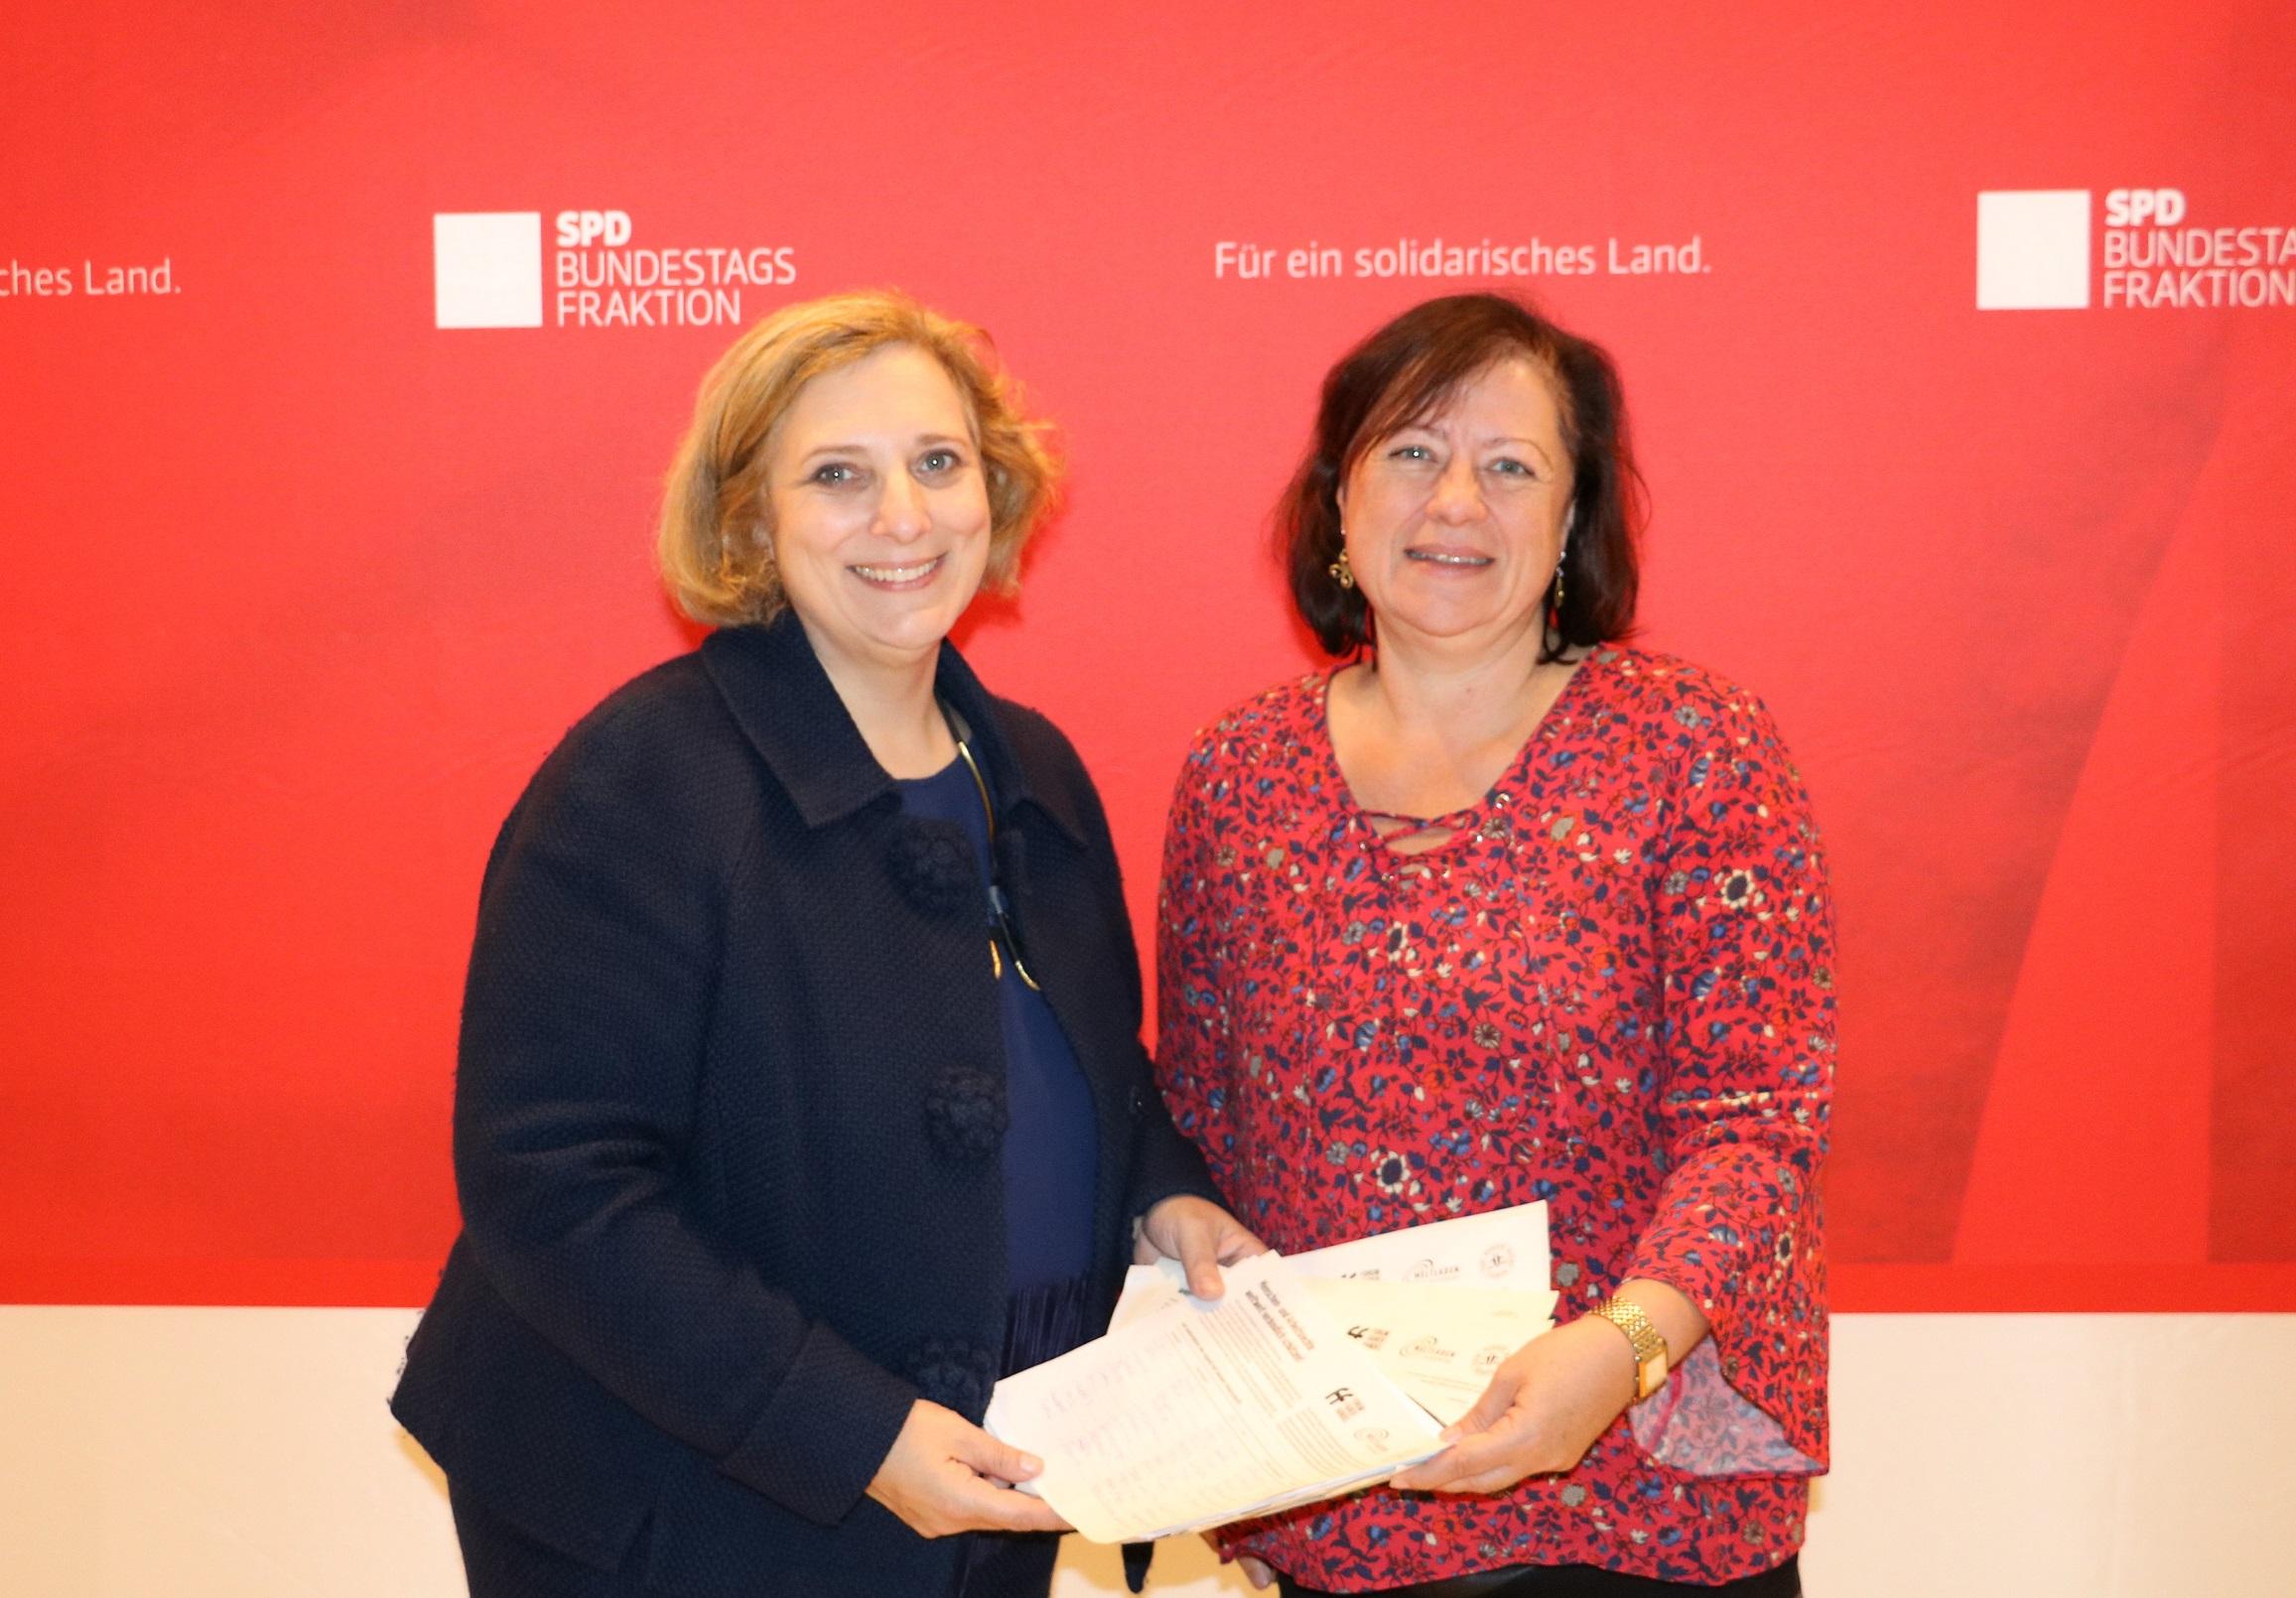 Dr. Daniela De Ridder übergibt Unterschriften an Dr. Bärbel Kofler